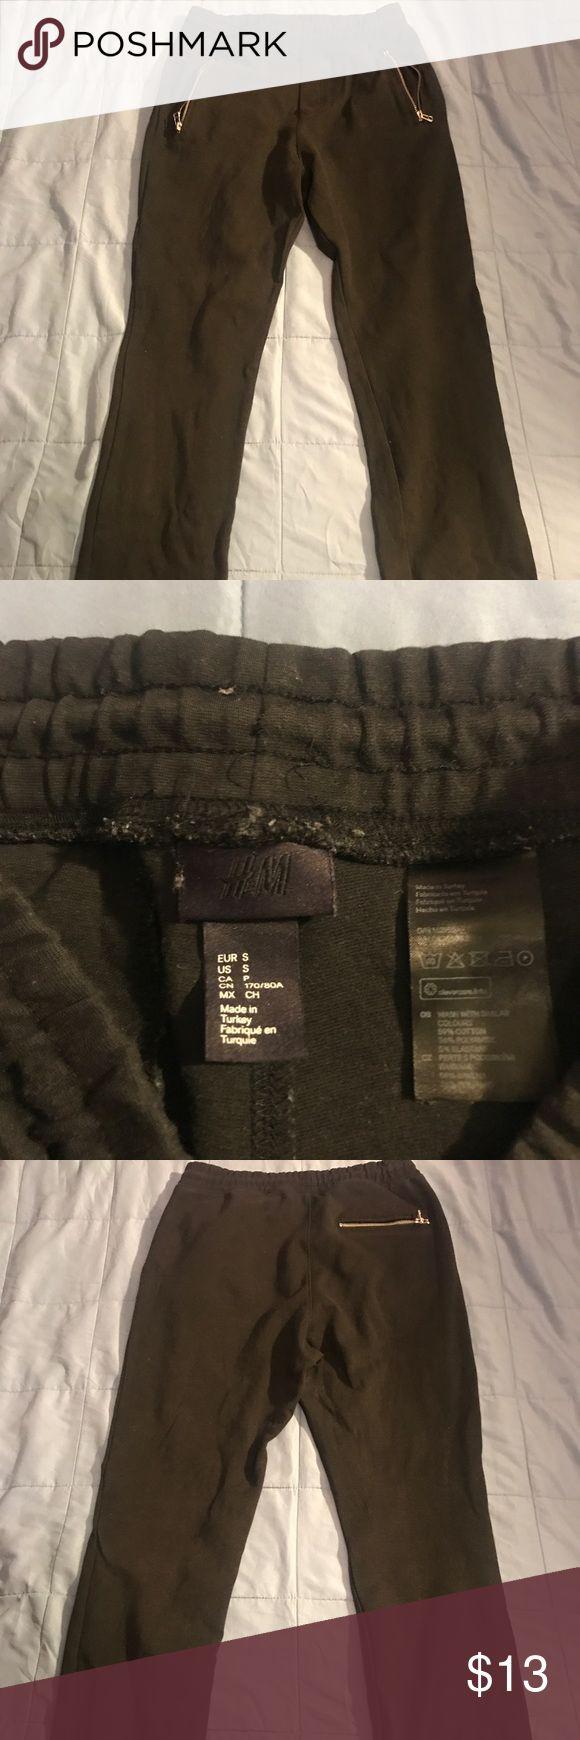 H&M CROP SLIM FIT JOGGERS 100% Authentic. SZ. S. MSRP $50. Excellent Condition. Slim black crop joggers. Any questions about this item pls comment. H&M Pants Sweatpants & Joggers